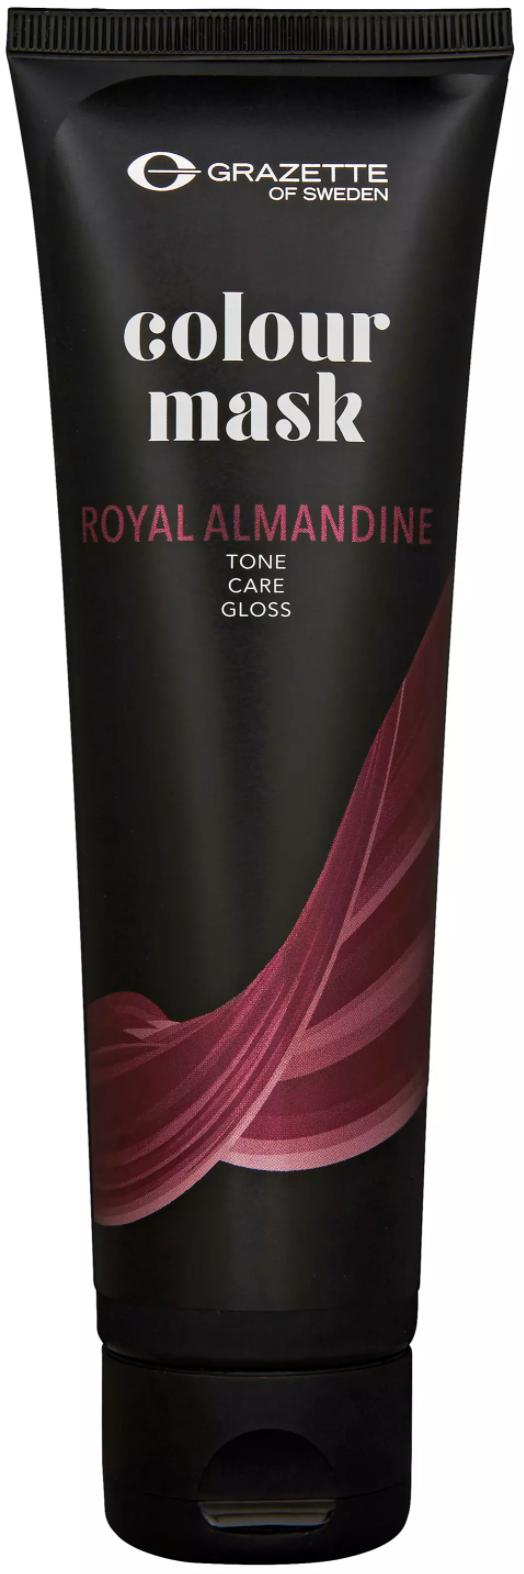 Pigmenterad hårinpackning från Grazette.